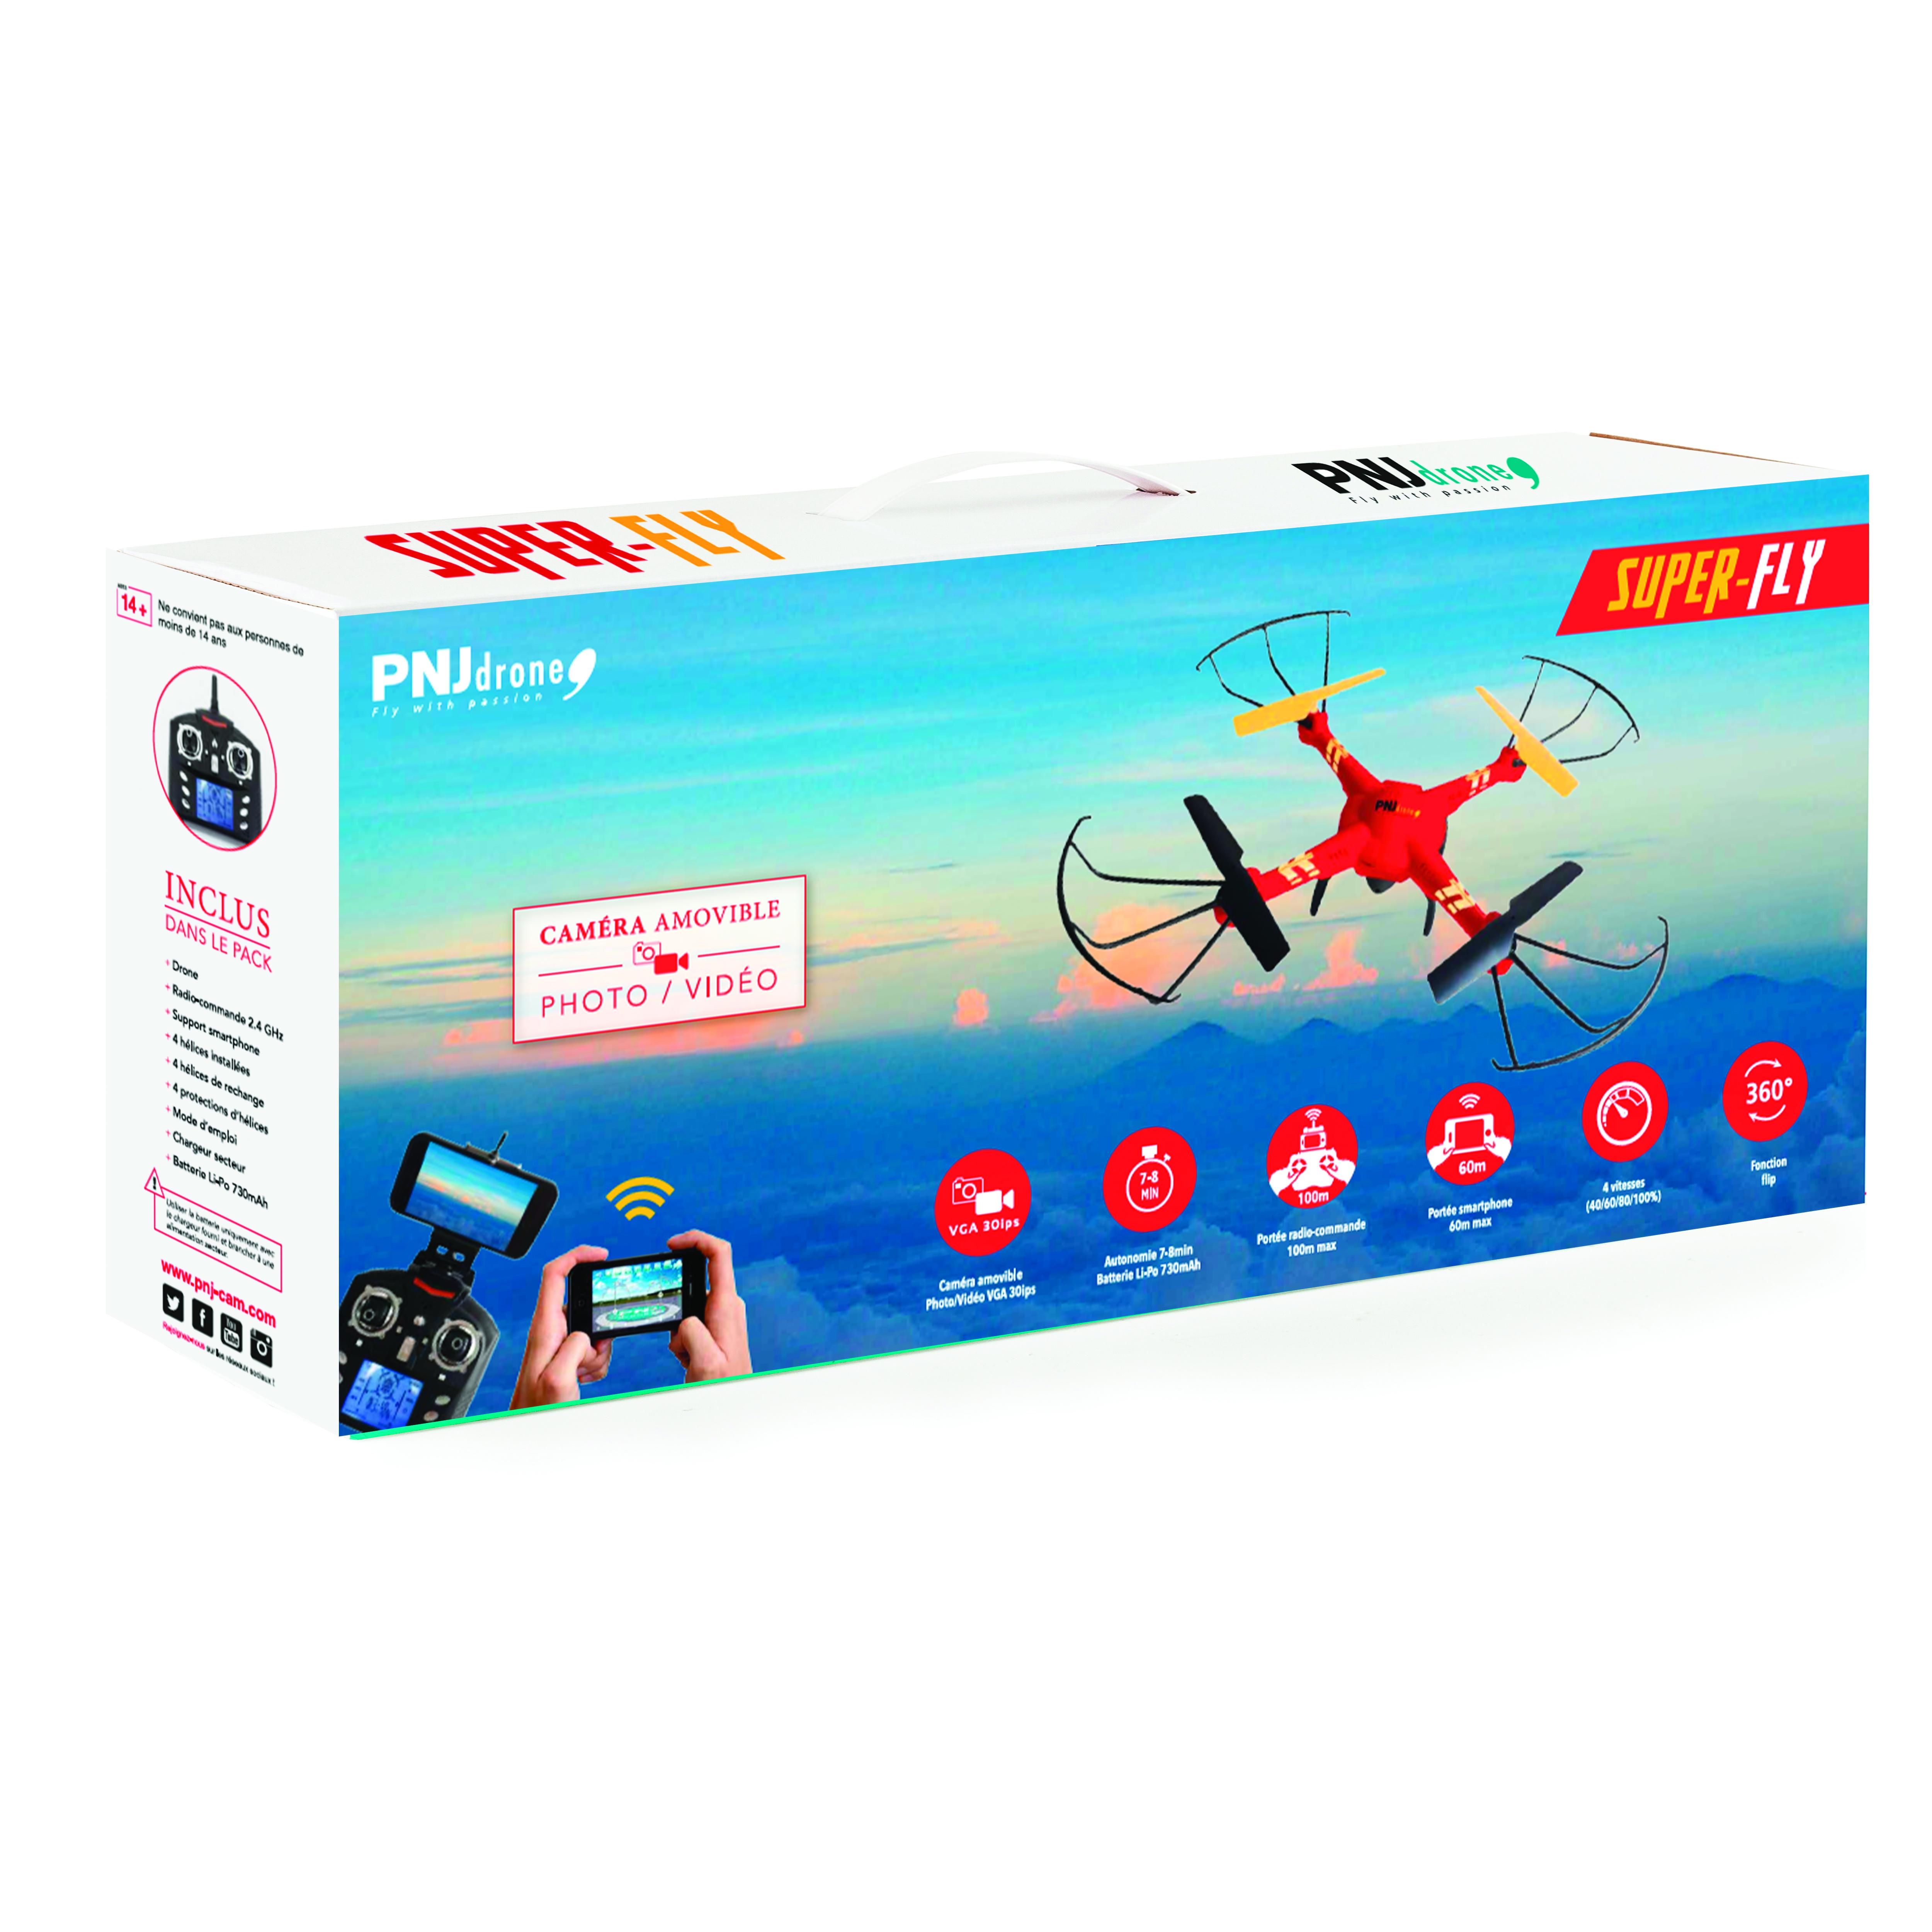 Inclus dans le pack: Drone SUPER-FLY Caméra WiFi VGA amovible…